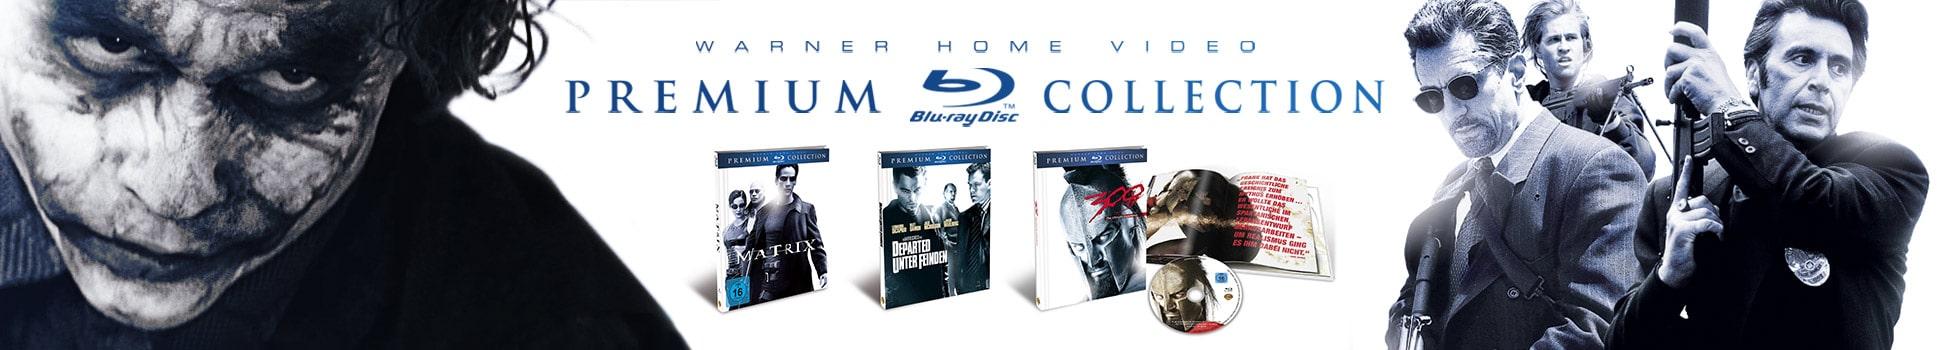 Warner Bros - Premium Collection - Home Video Design - Header